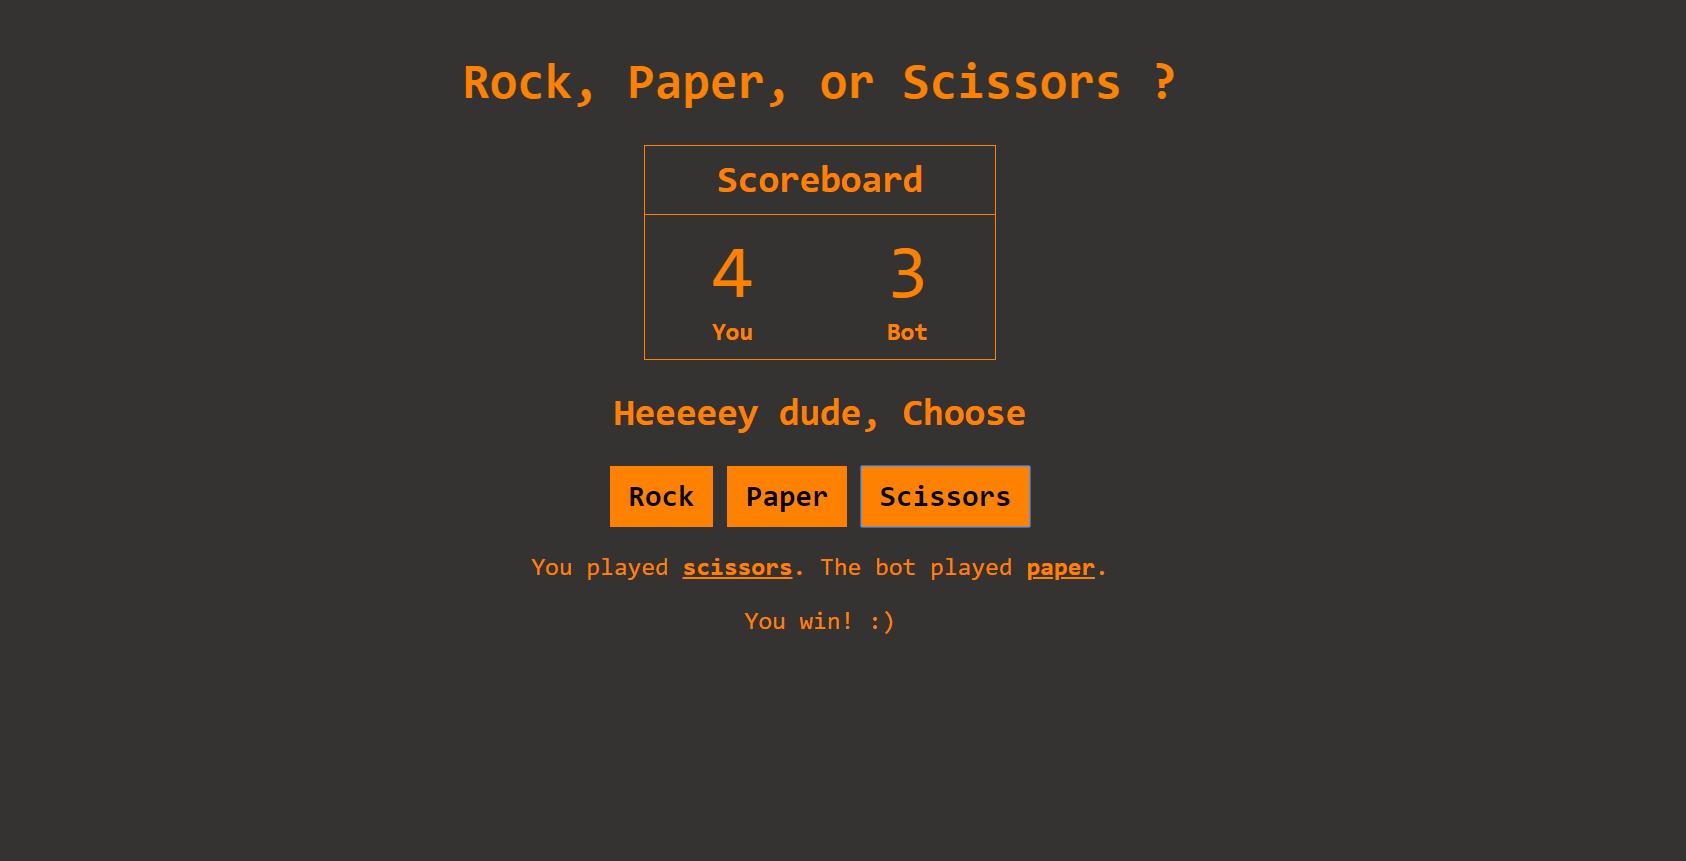 RockPaperScissor